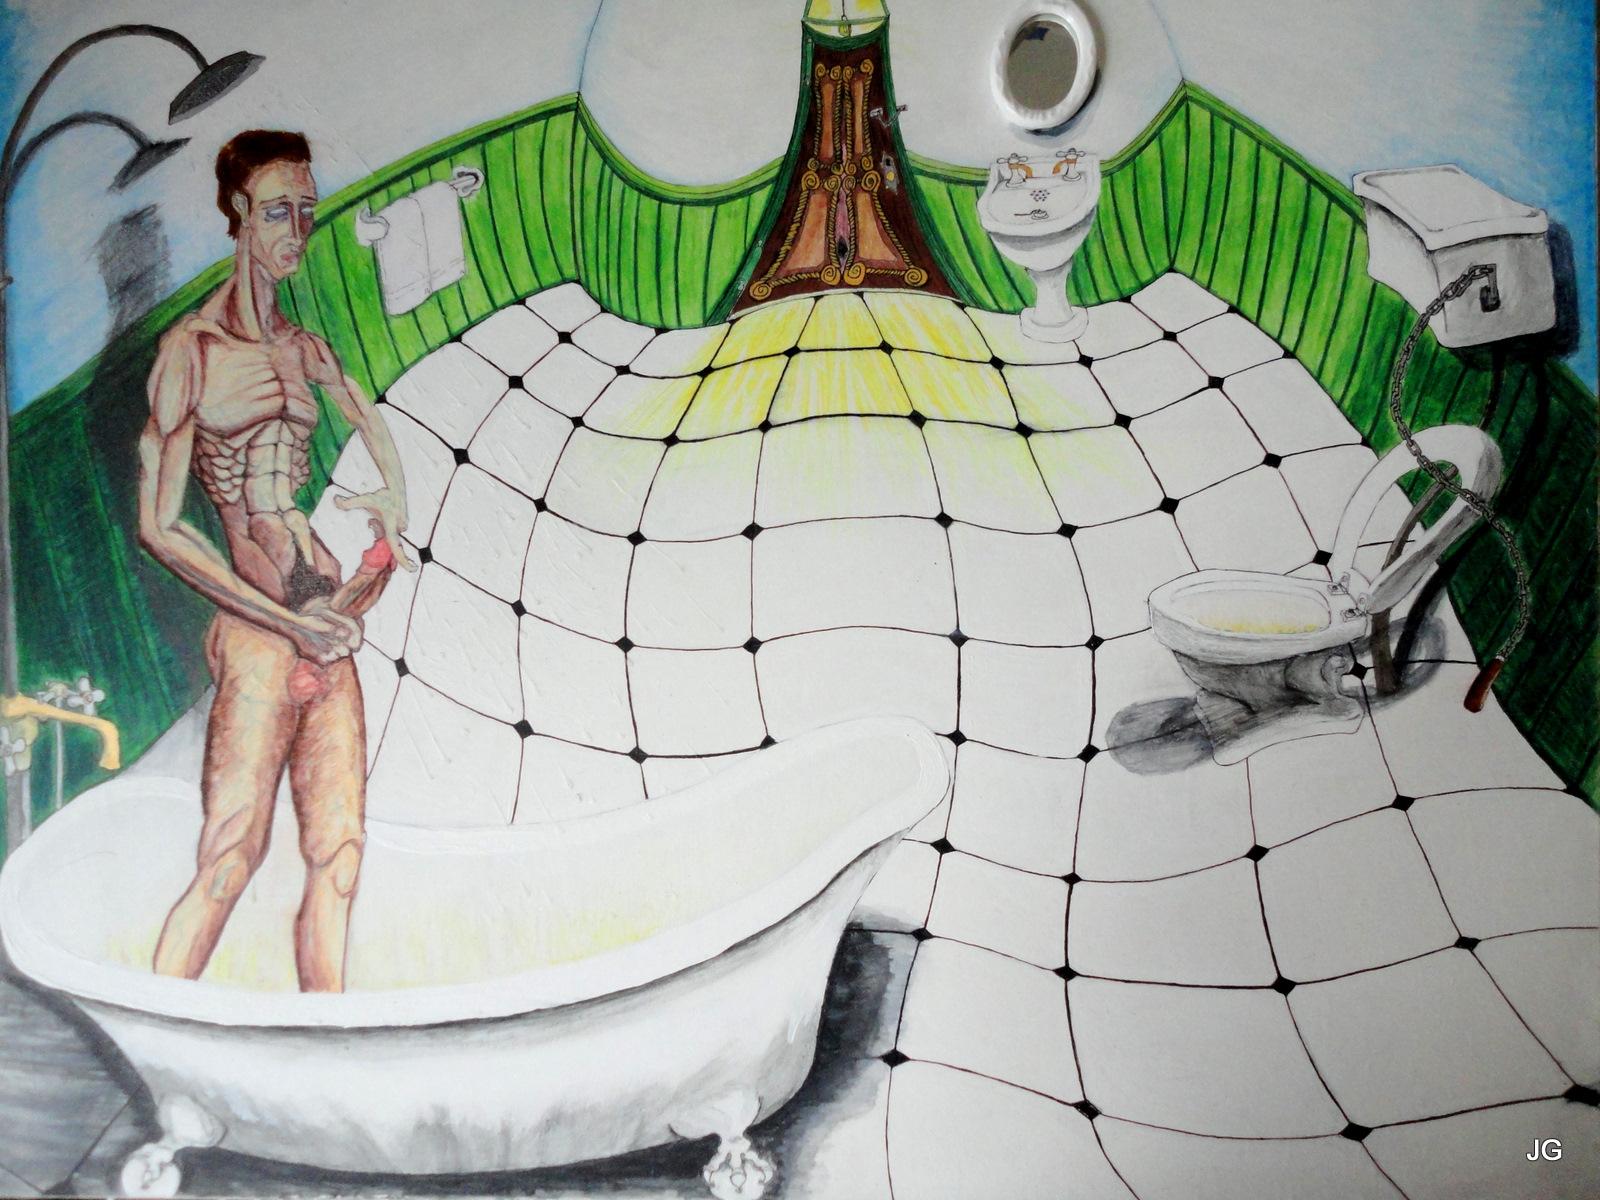 LSD Shower